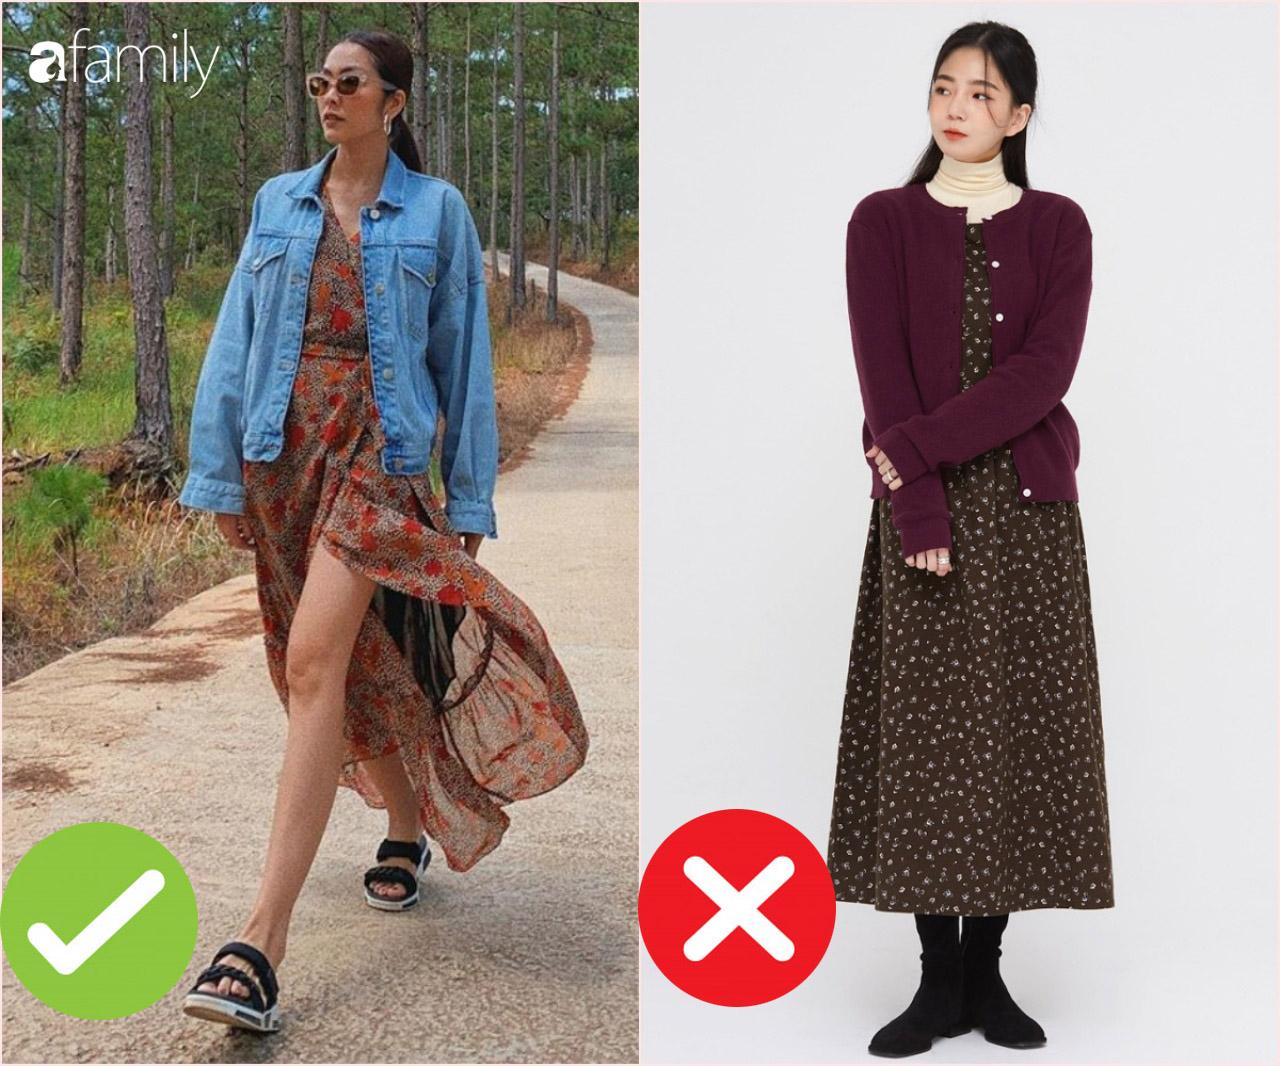 Tiết kiệm tiền khi mua váy hoa: 4 tips lên đồ giúp bạn đẹp tưng bừng mà không hề sến súa với item hot hit này - Ảnh 4.